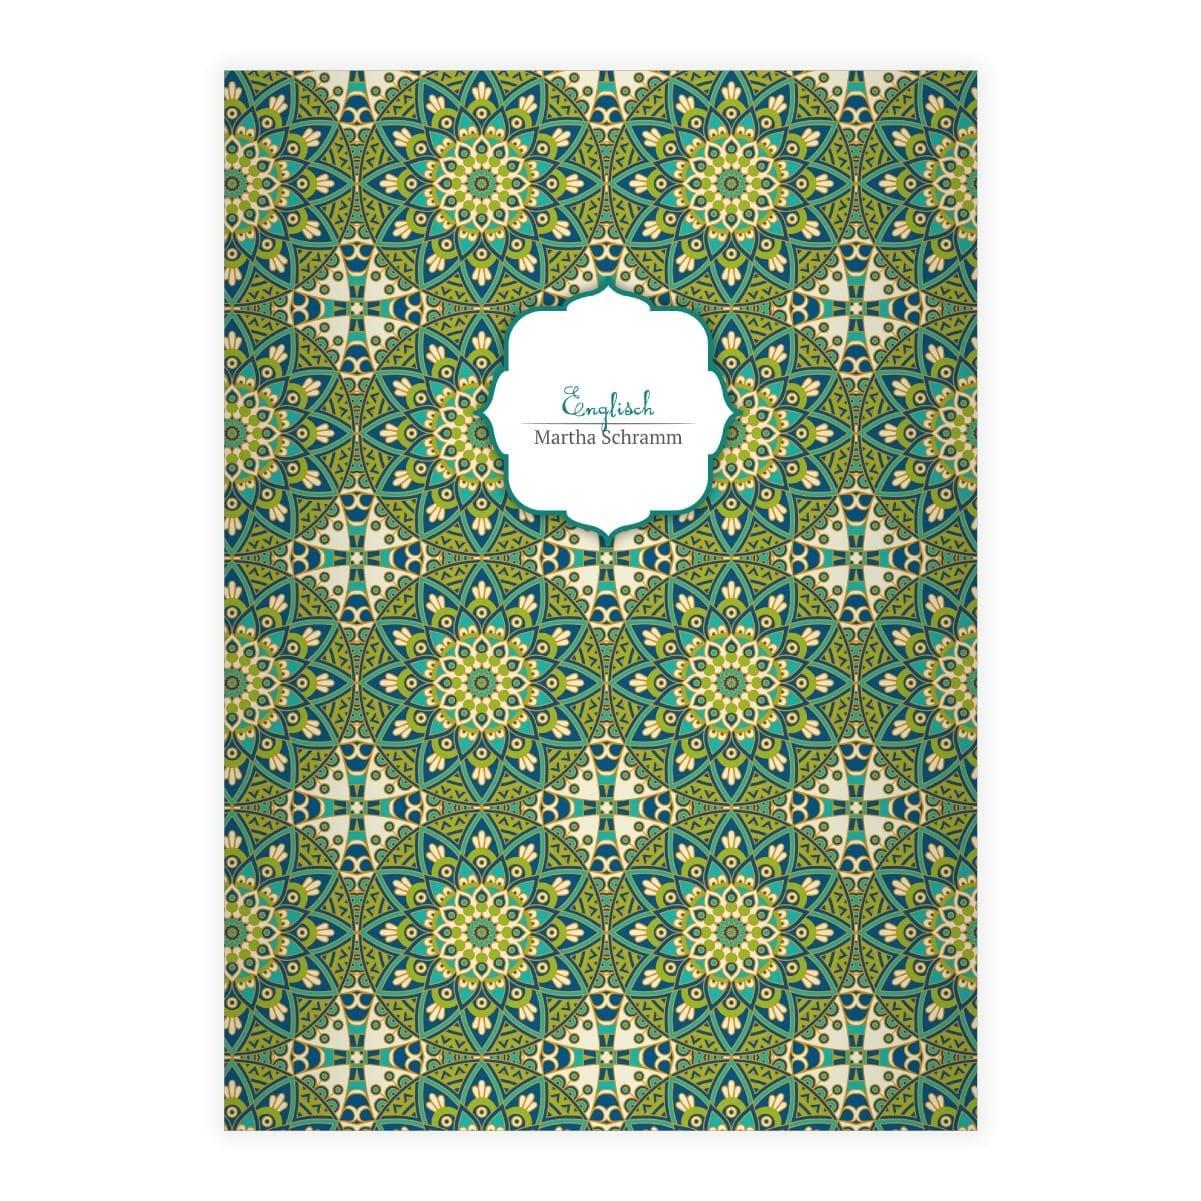 Kartenkaufrausch 2 personalisierte, Grafische Ethno DIN A5 Schulhefte, Rechenhefte mit Sternen Muster im Boho Stil in blau grü n Lineatur 5 (kariertes Heft)